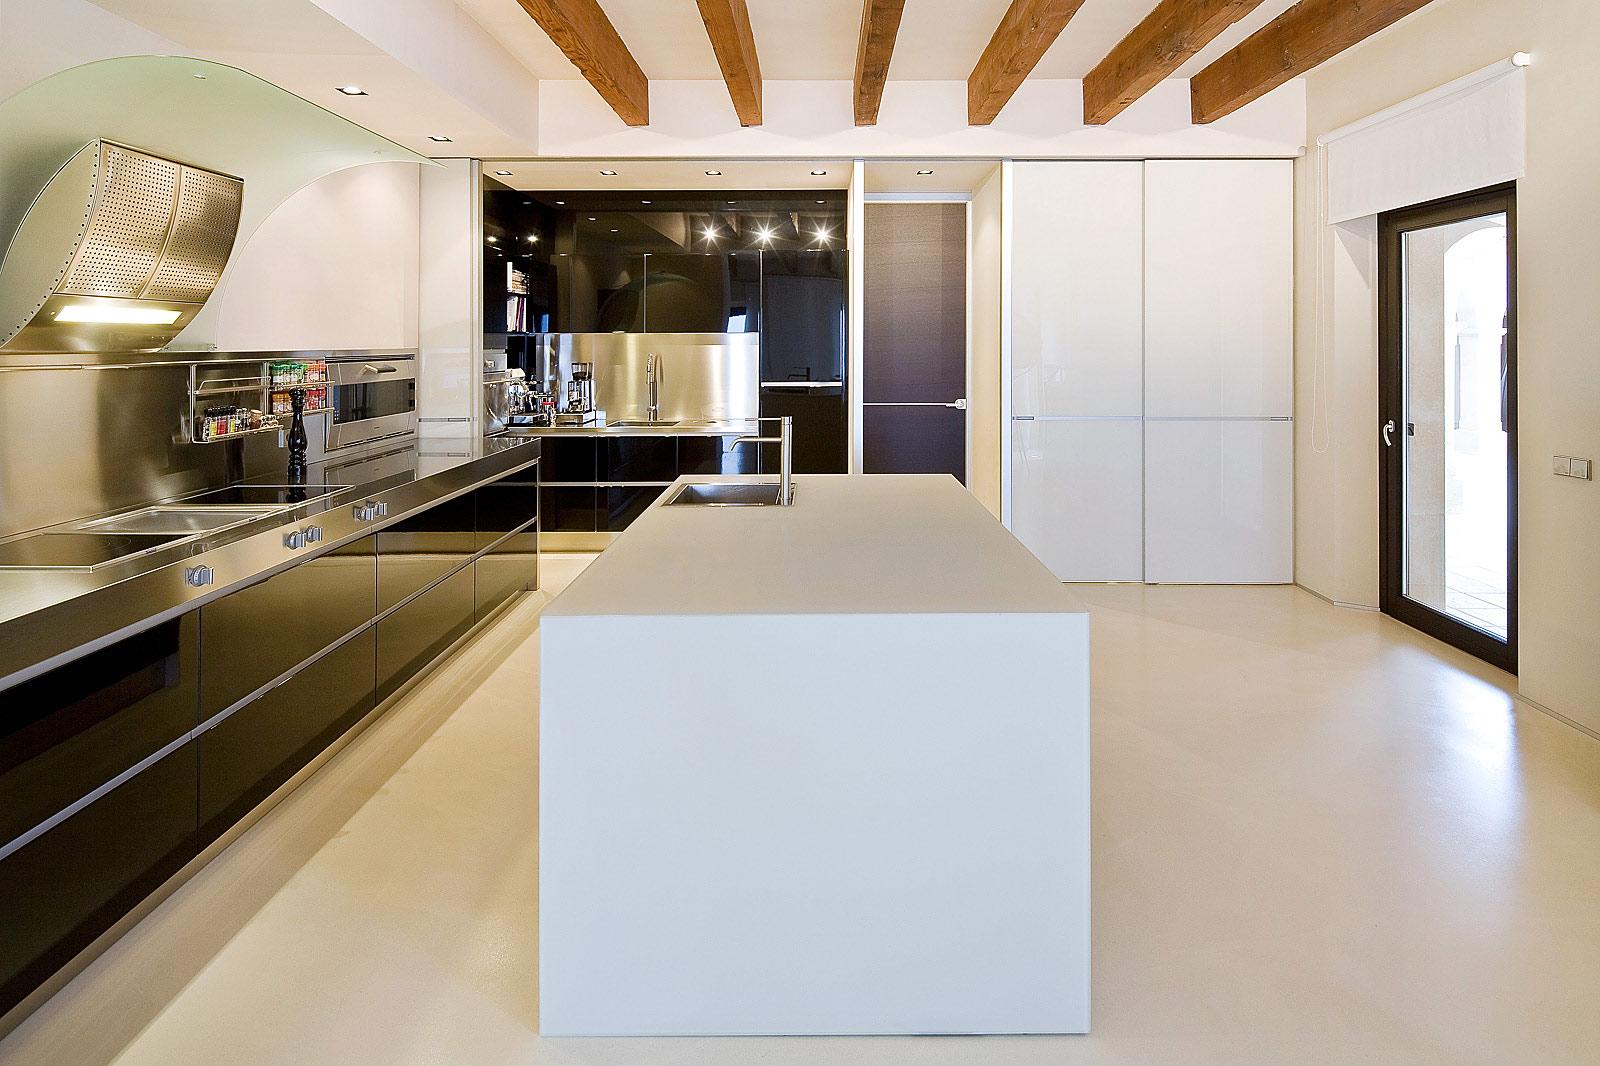 hochwertige Immobilien Fotografie, Architekturfotograf auf Mallorca